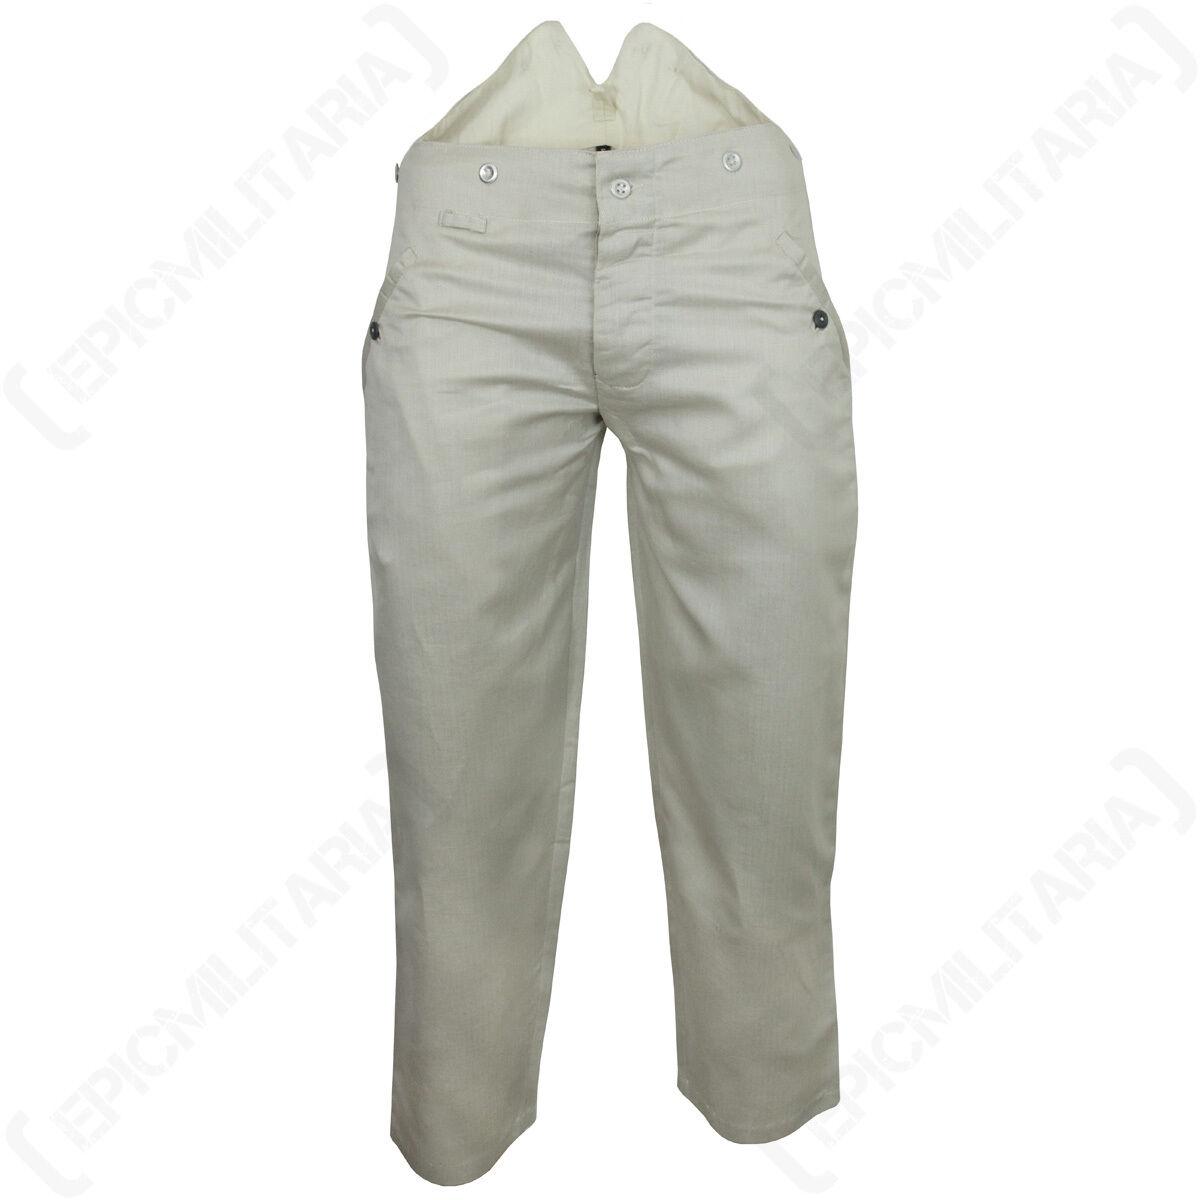 WW2 Deutsche HBT Arbeiter Hose - Reproduktion Militär Soldat Uniform Baumwolle